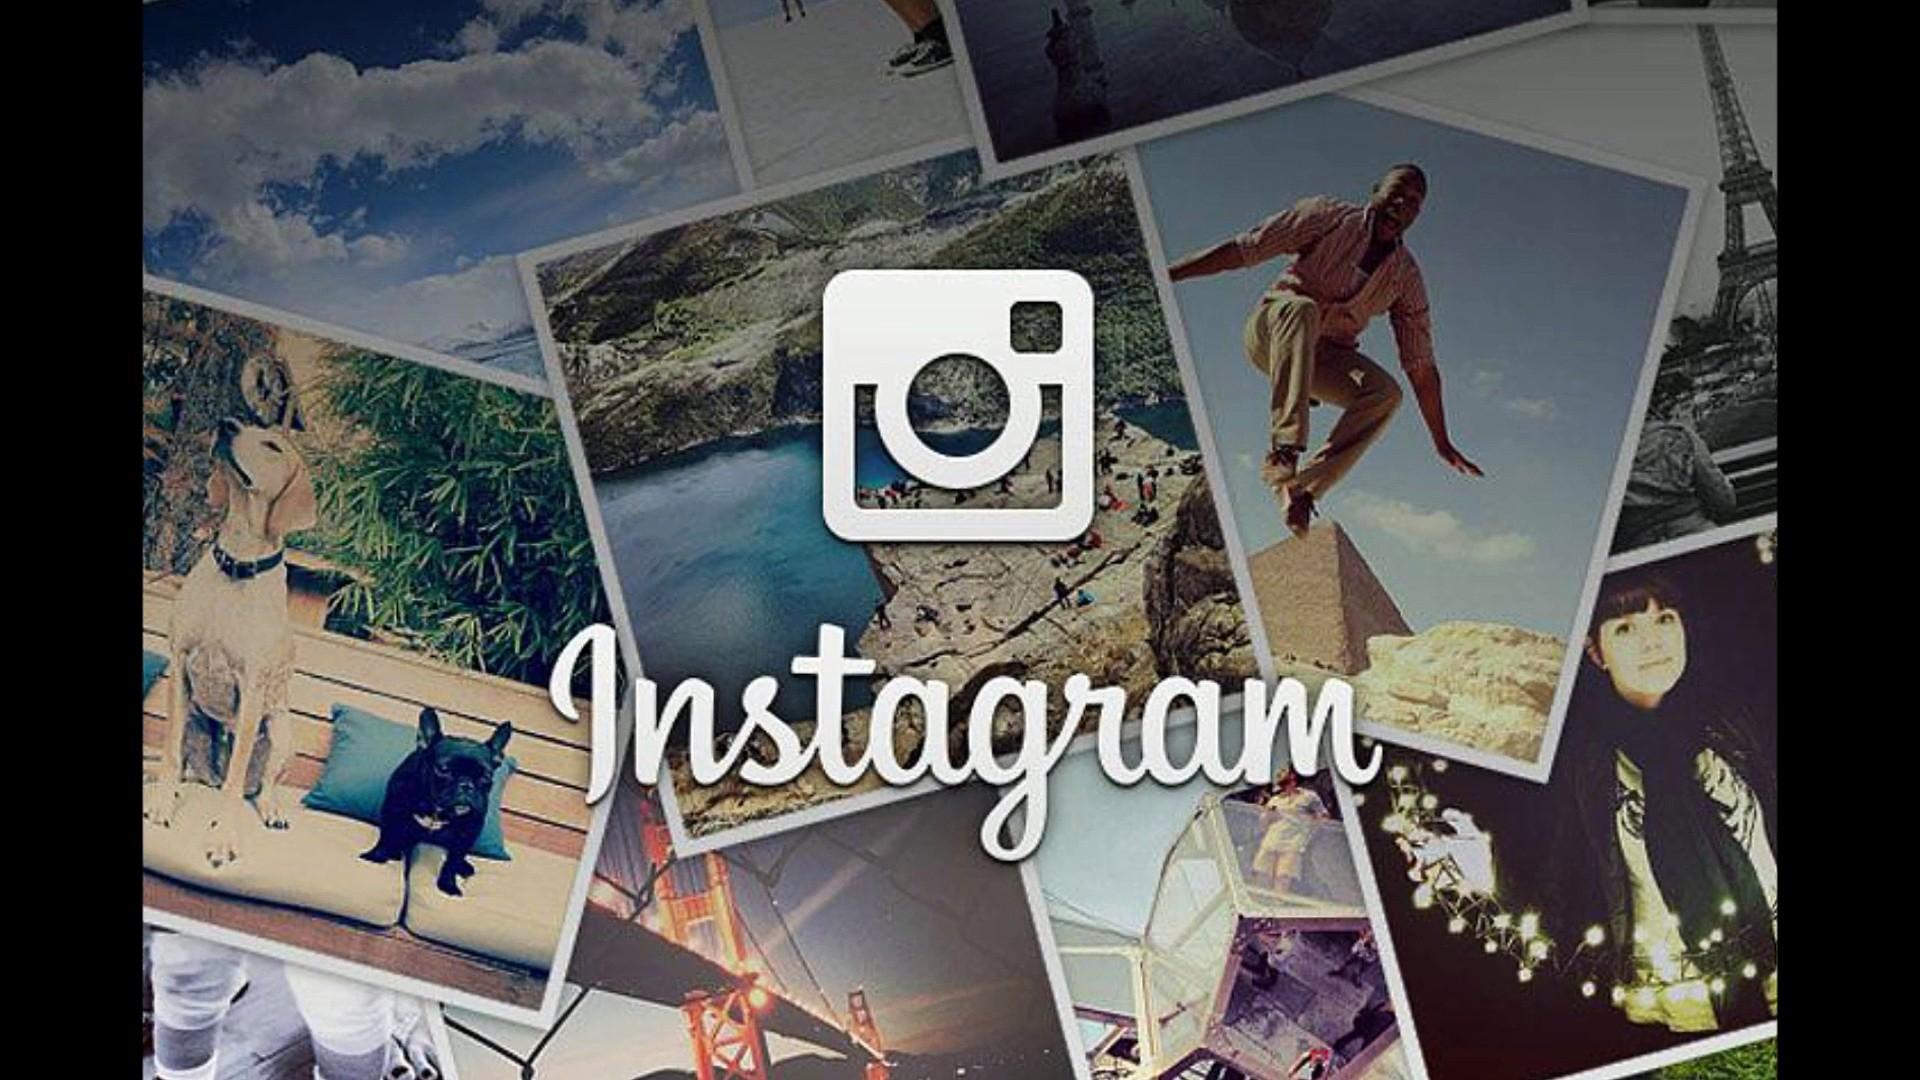 Стало известно, кому принадлежит наиболее популярный социальная сеть Instagram со103 млн фолловеров